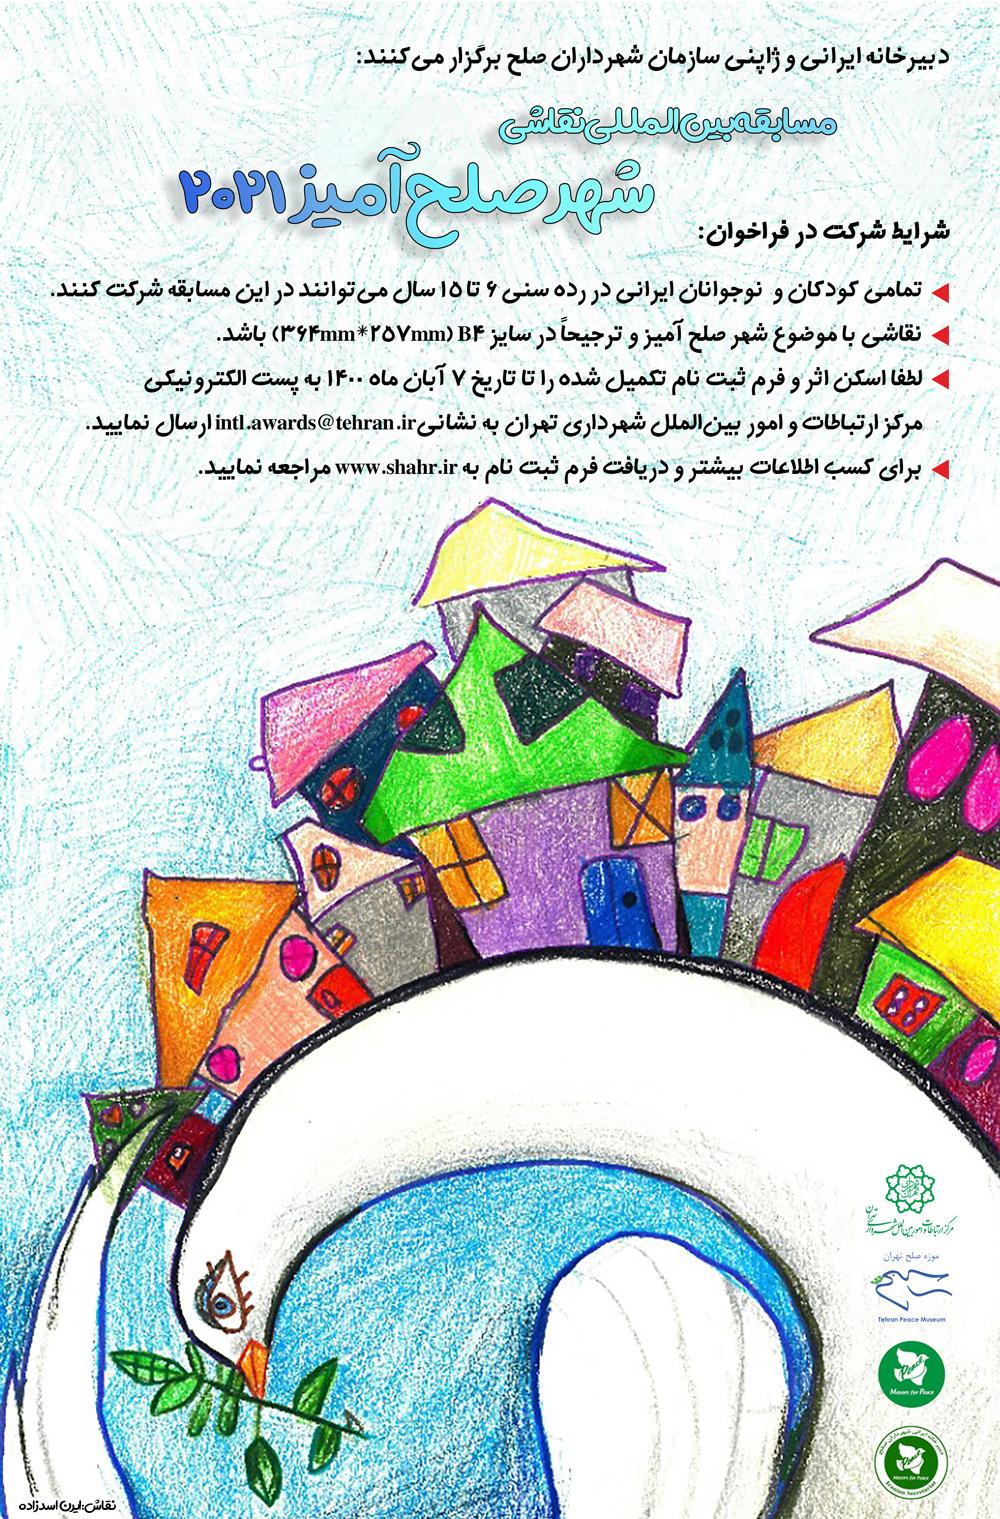 فراخوان مسابقه بینالمللی نقاشی «شهر صلح آمیز» سال 2021